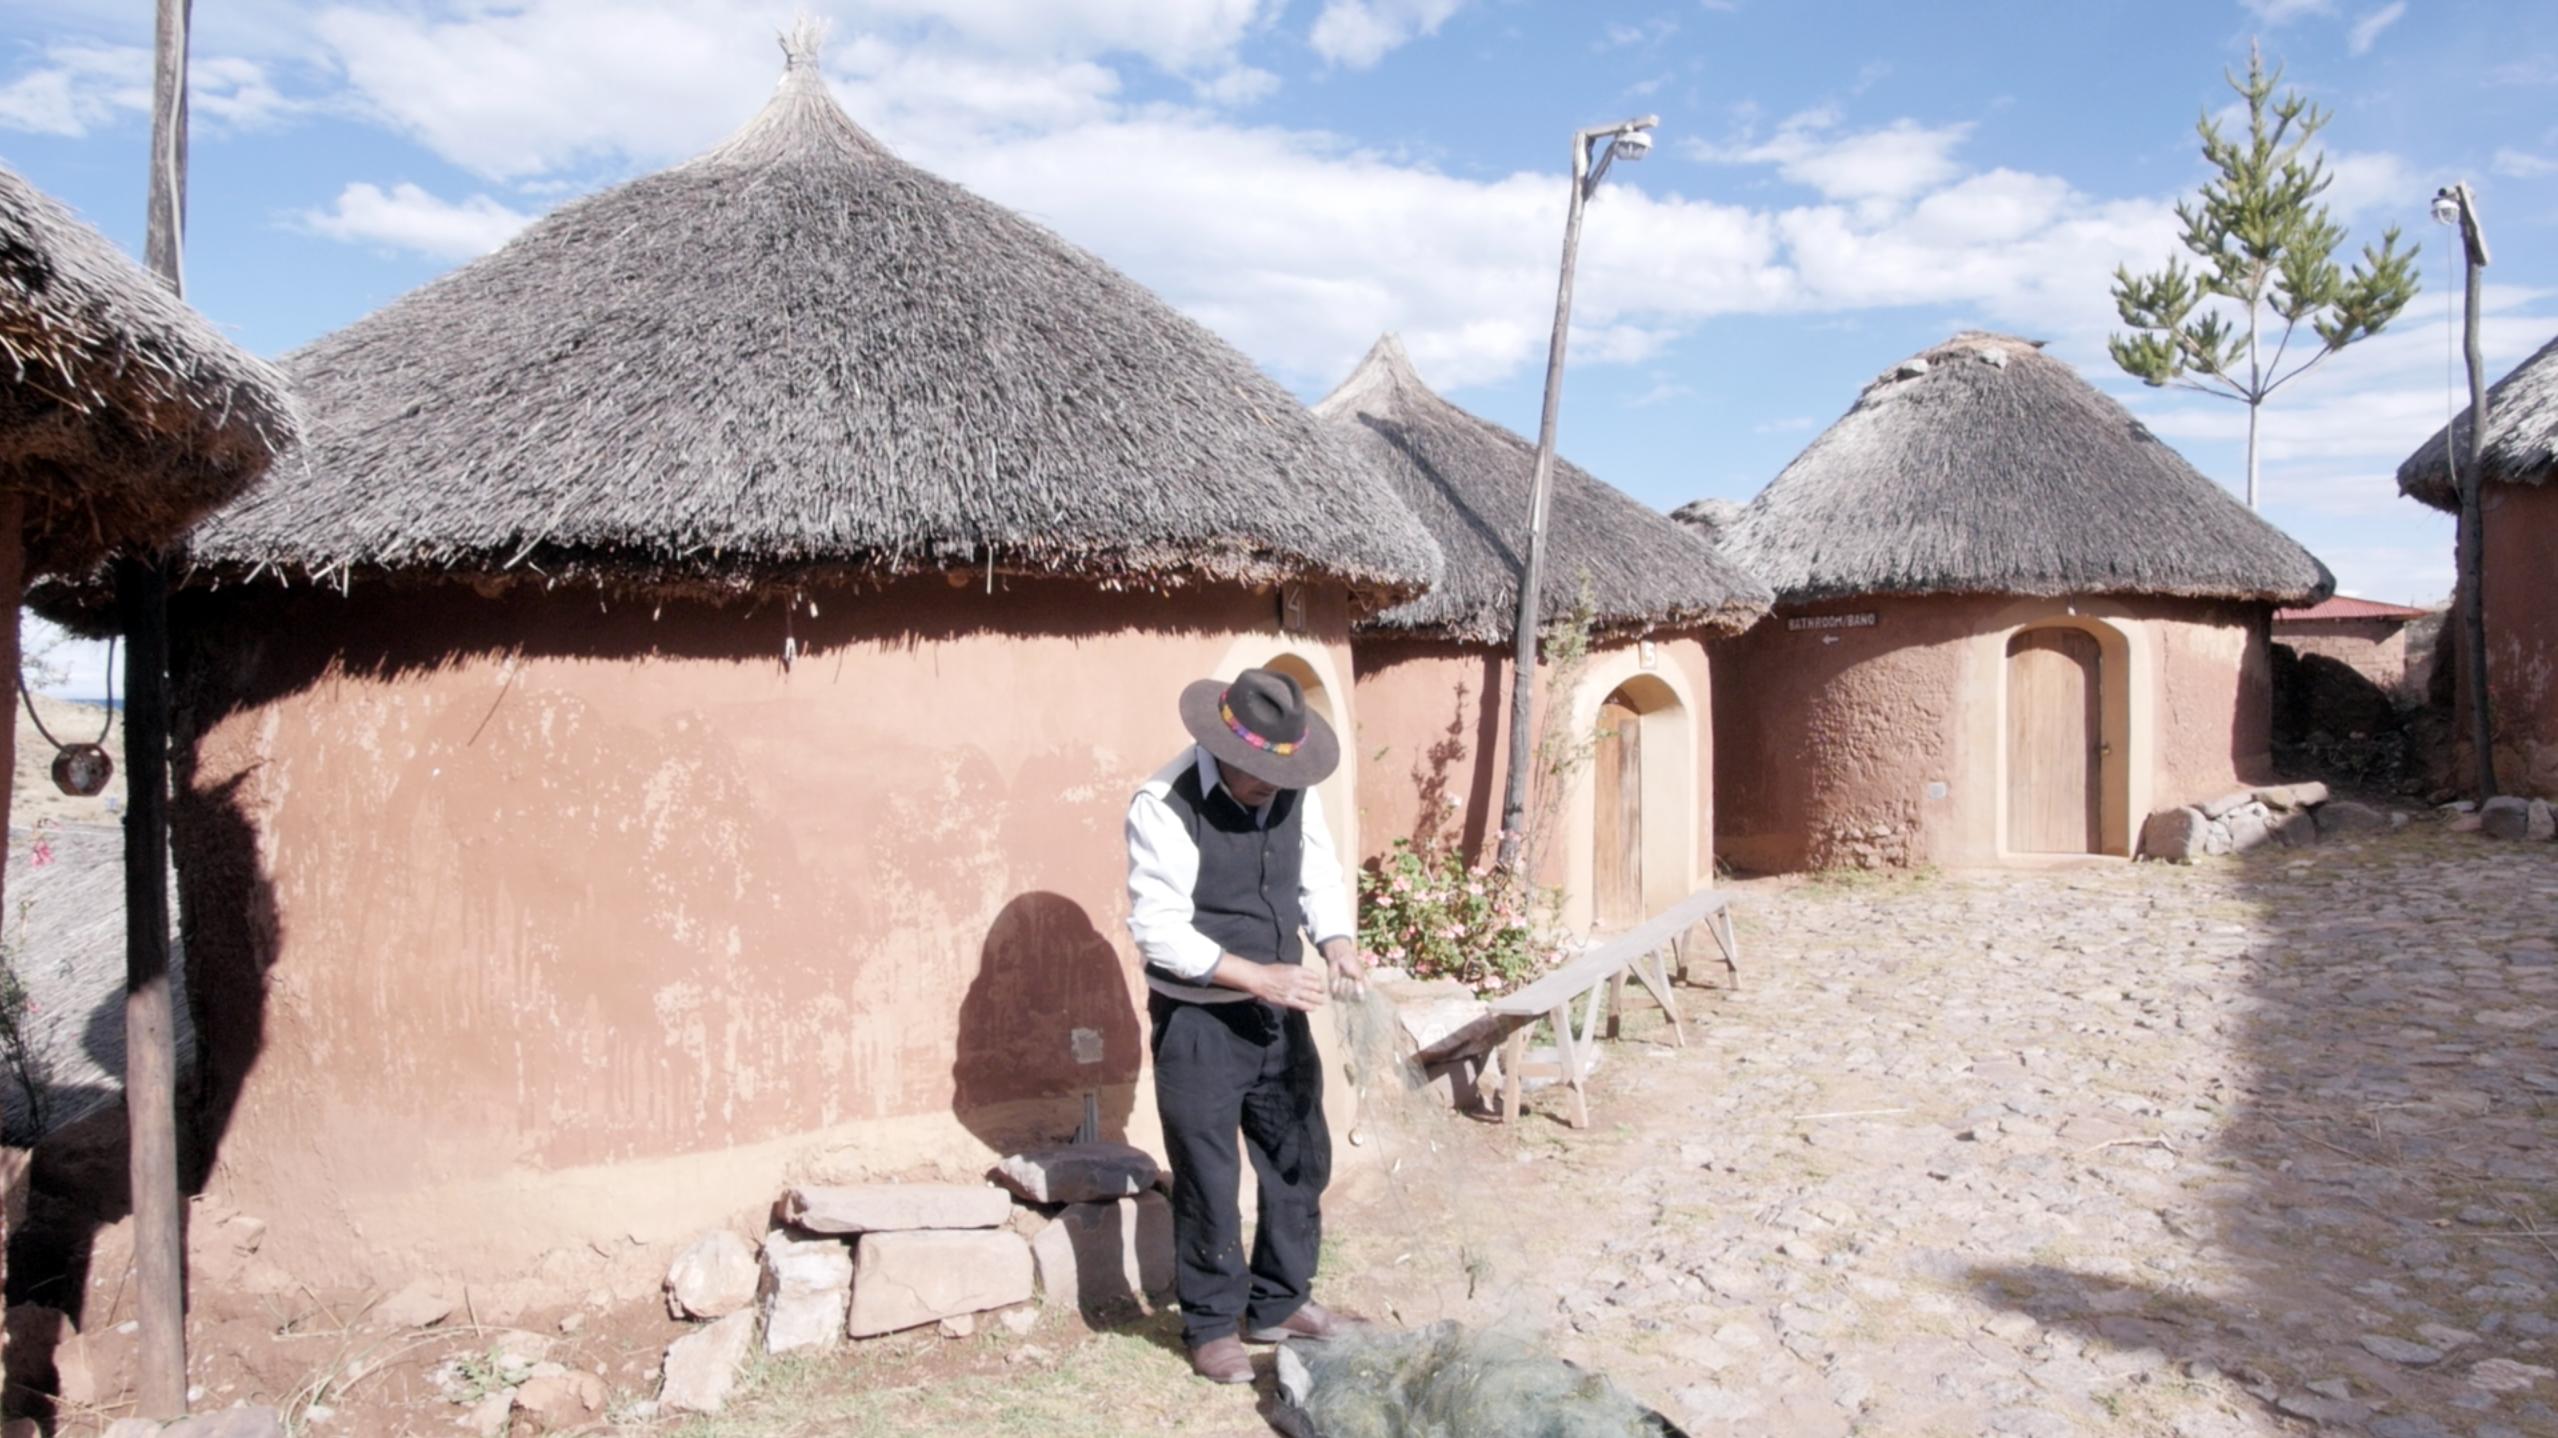 poisson titicaca